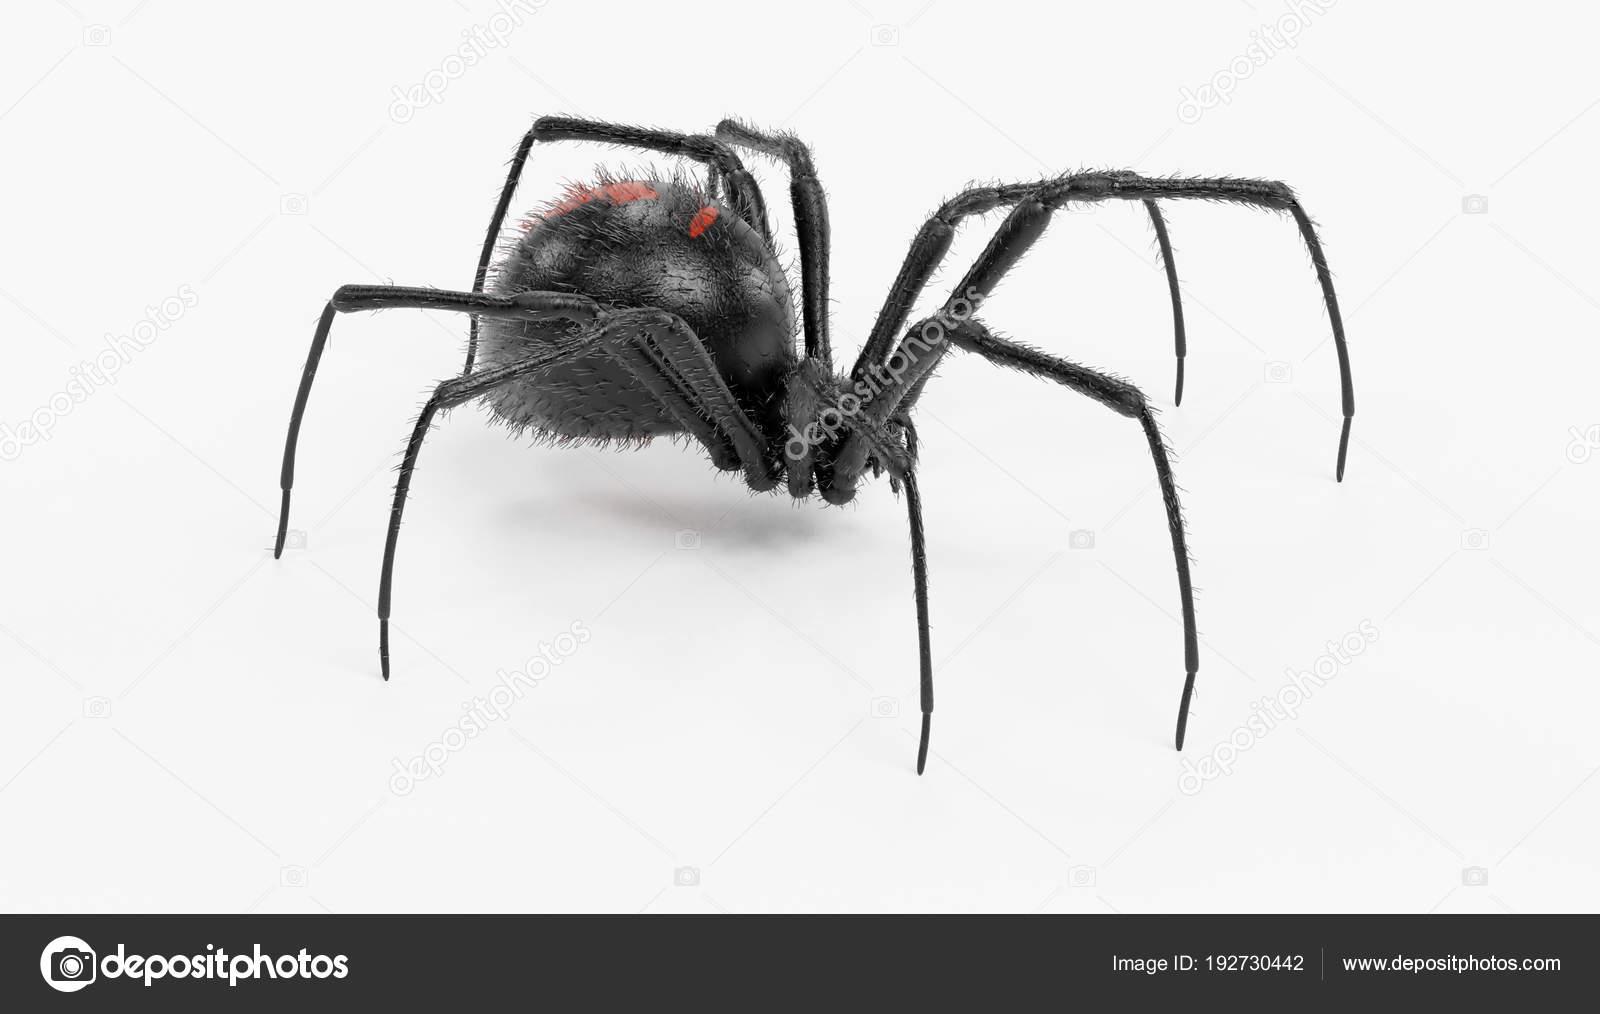 Rendu Réaliste Araignée Veuve Noire Photographie 3drenderings